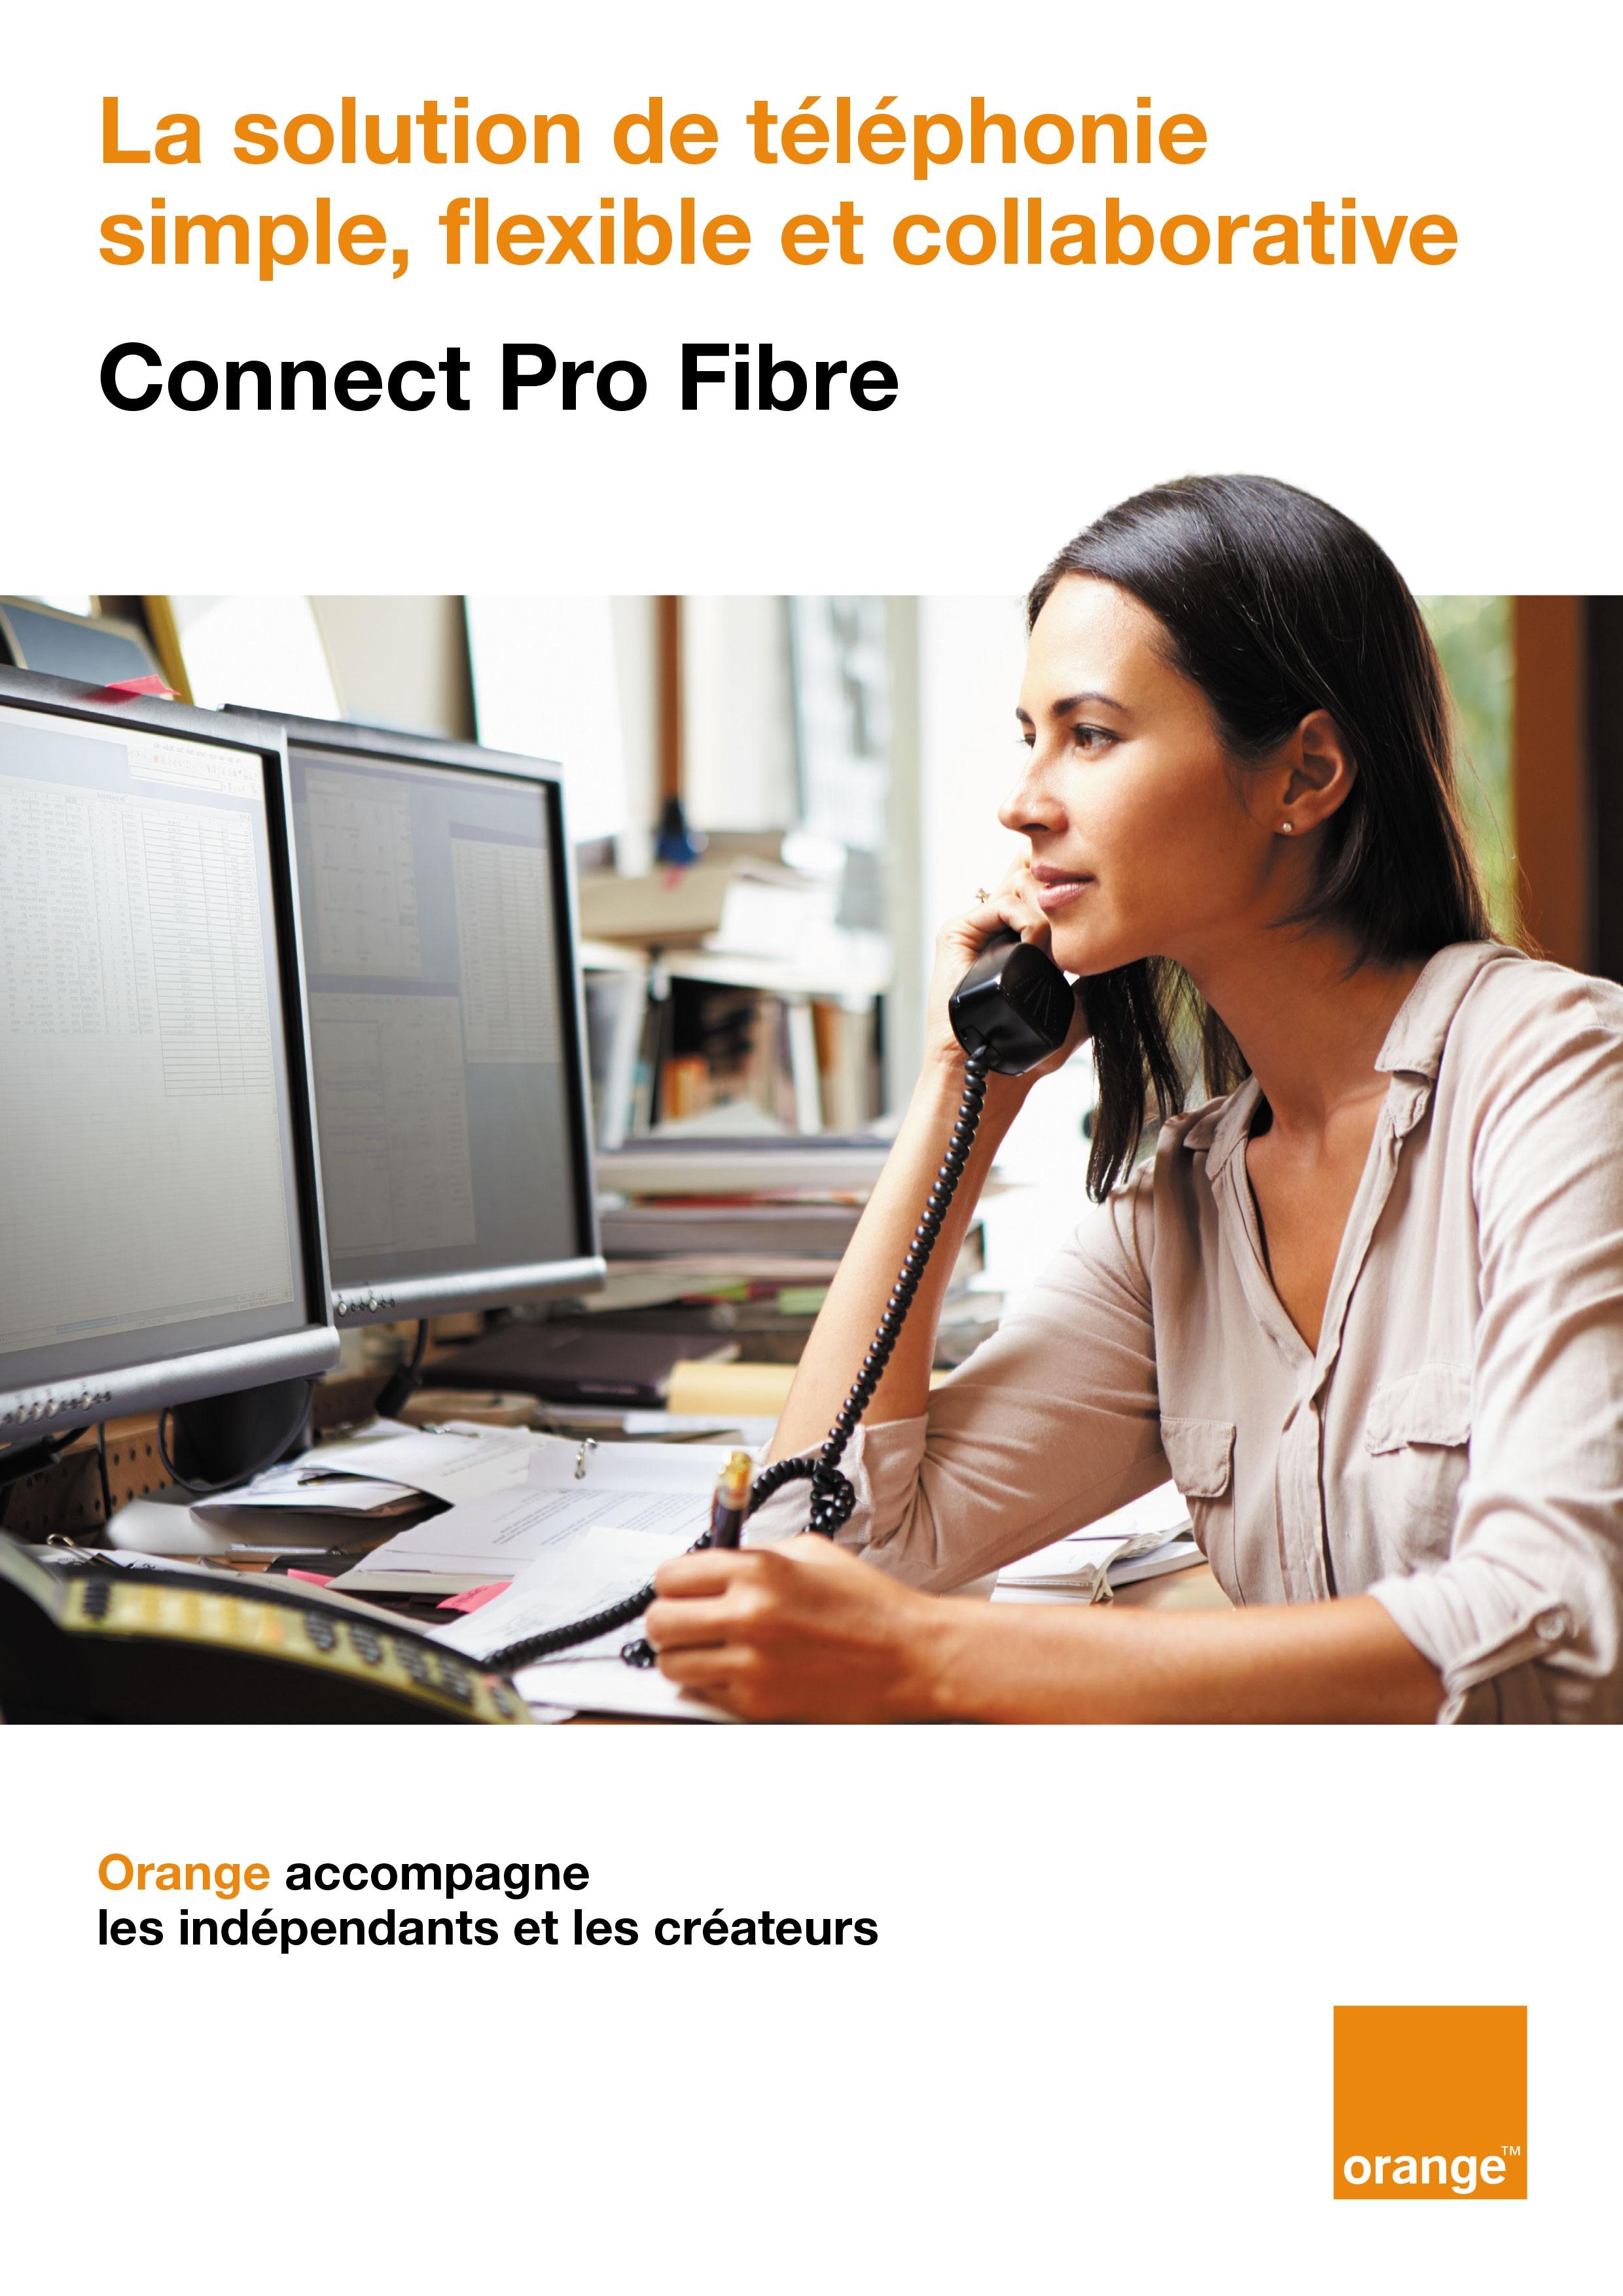 Fiche-Connect-Pro_A4_0118-1.jpg